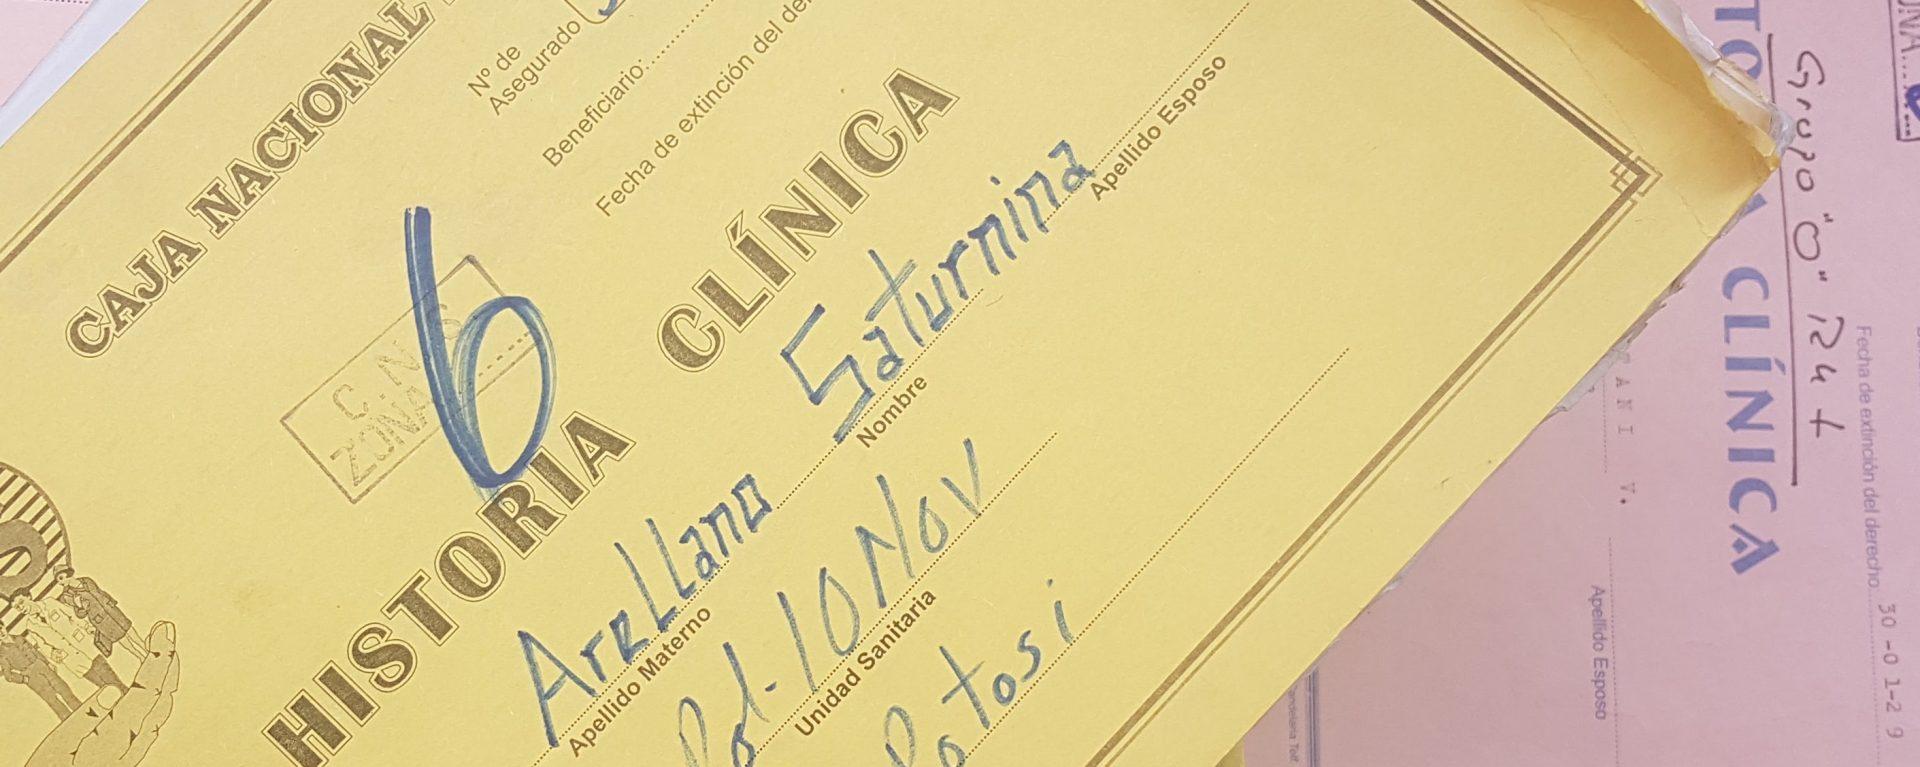 Cuidados de Saúde Primários em Potosi (Bolívia)